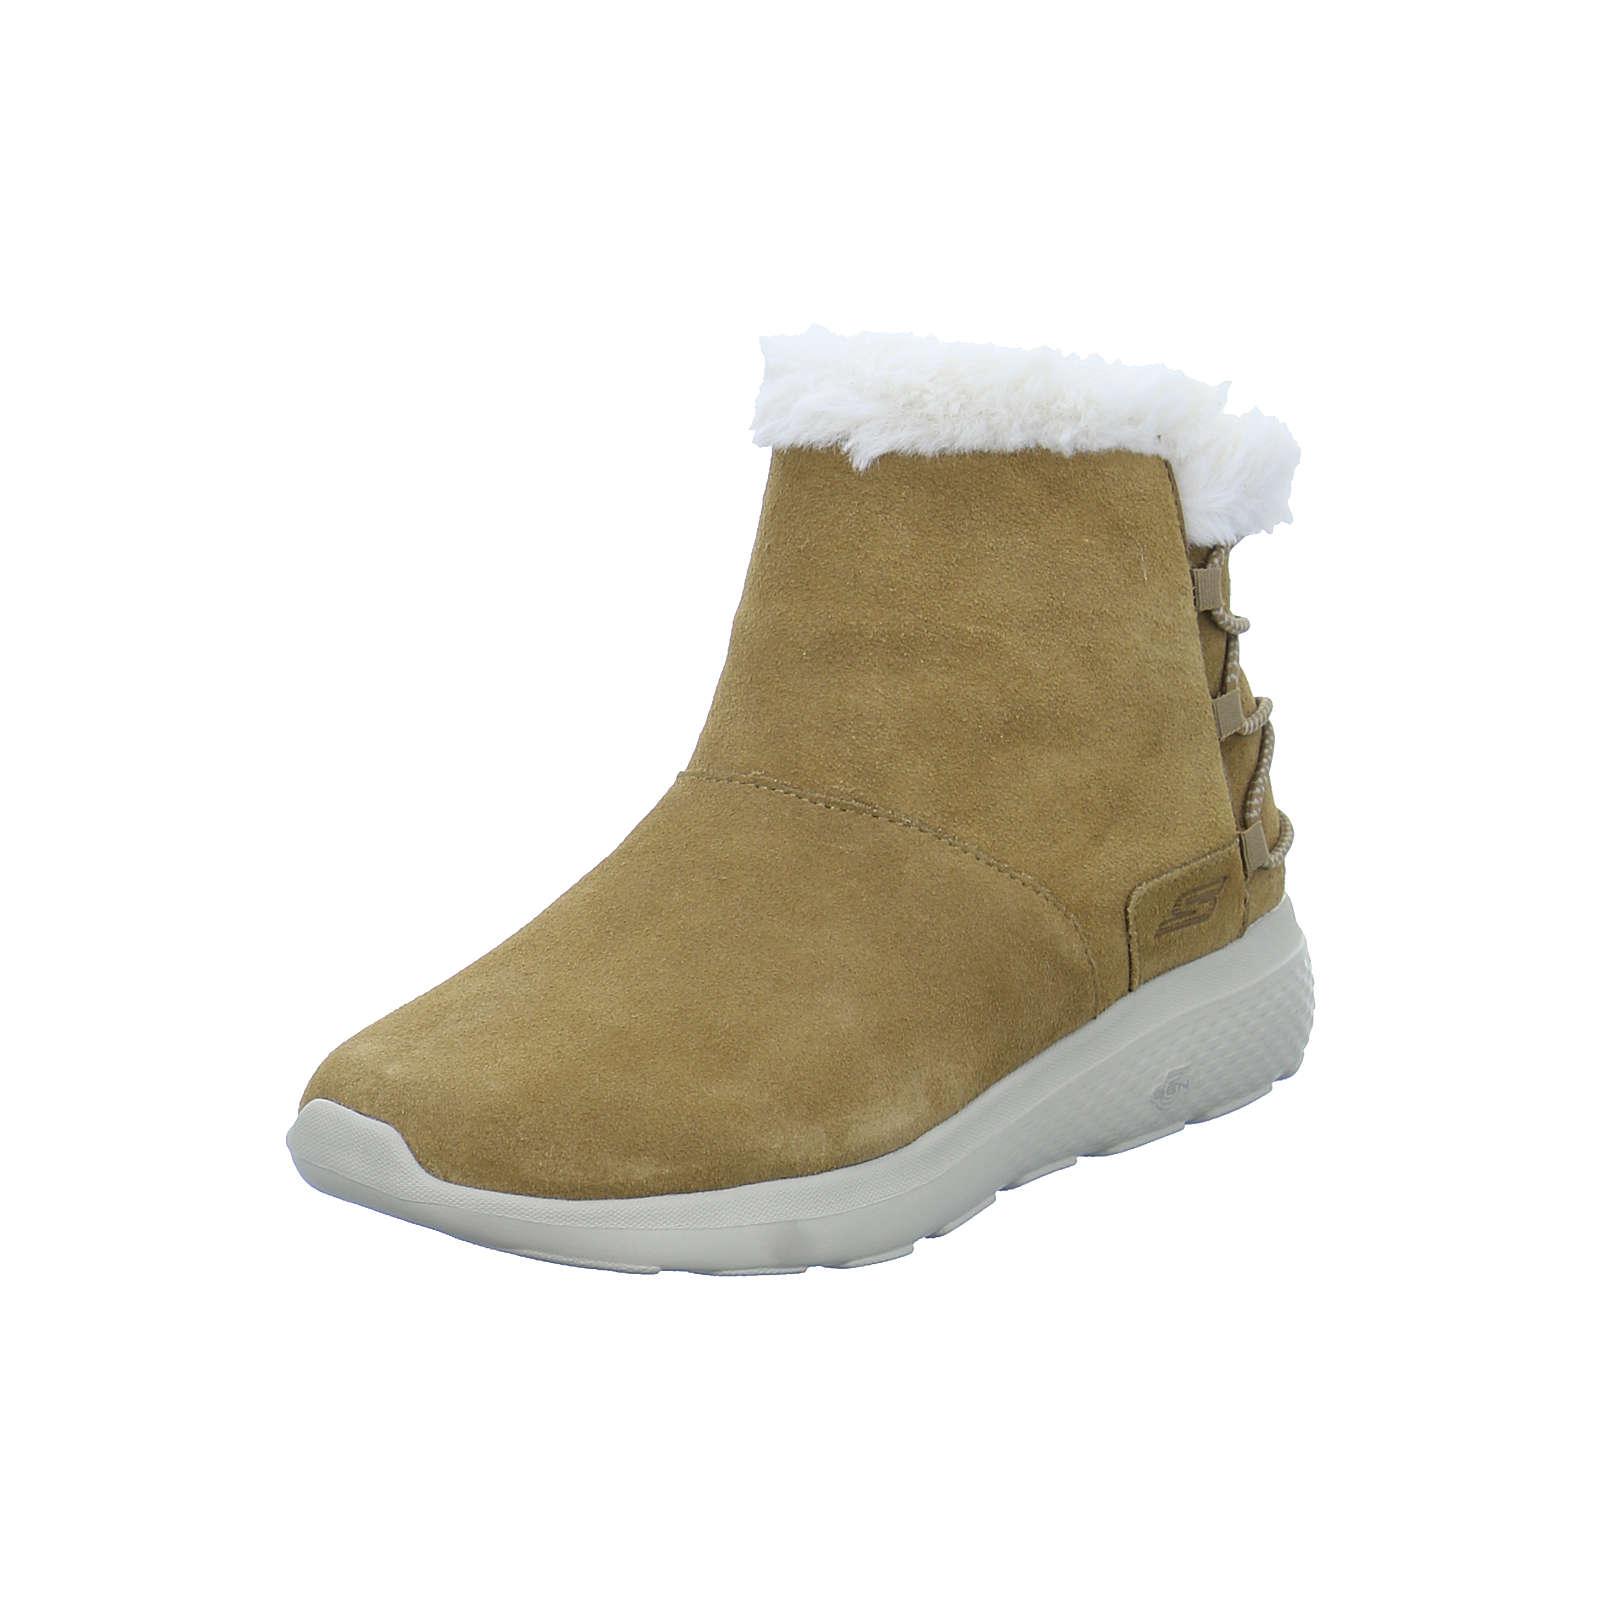 SKECHERS Hibernate Snow Boots braun Damen Gr. 40